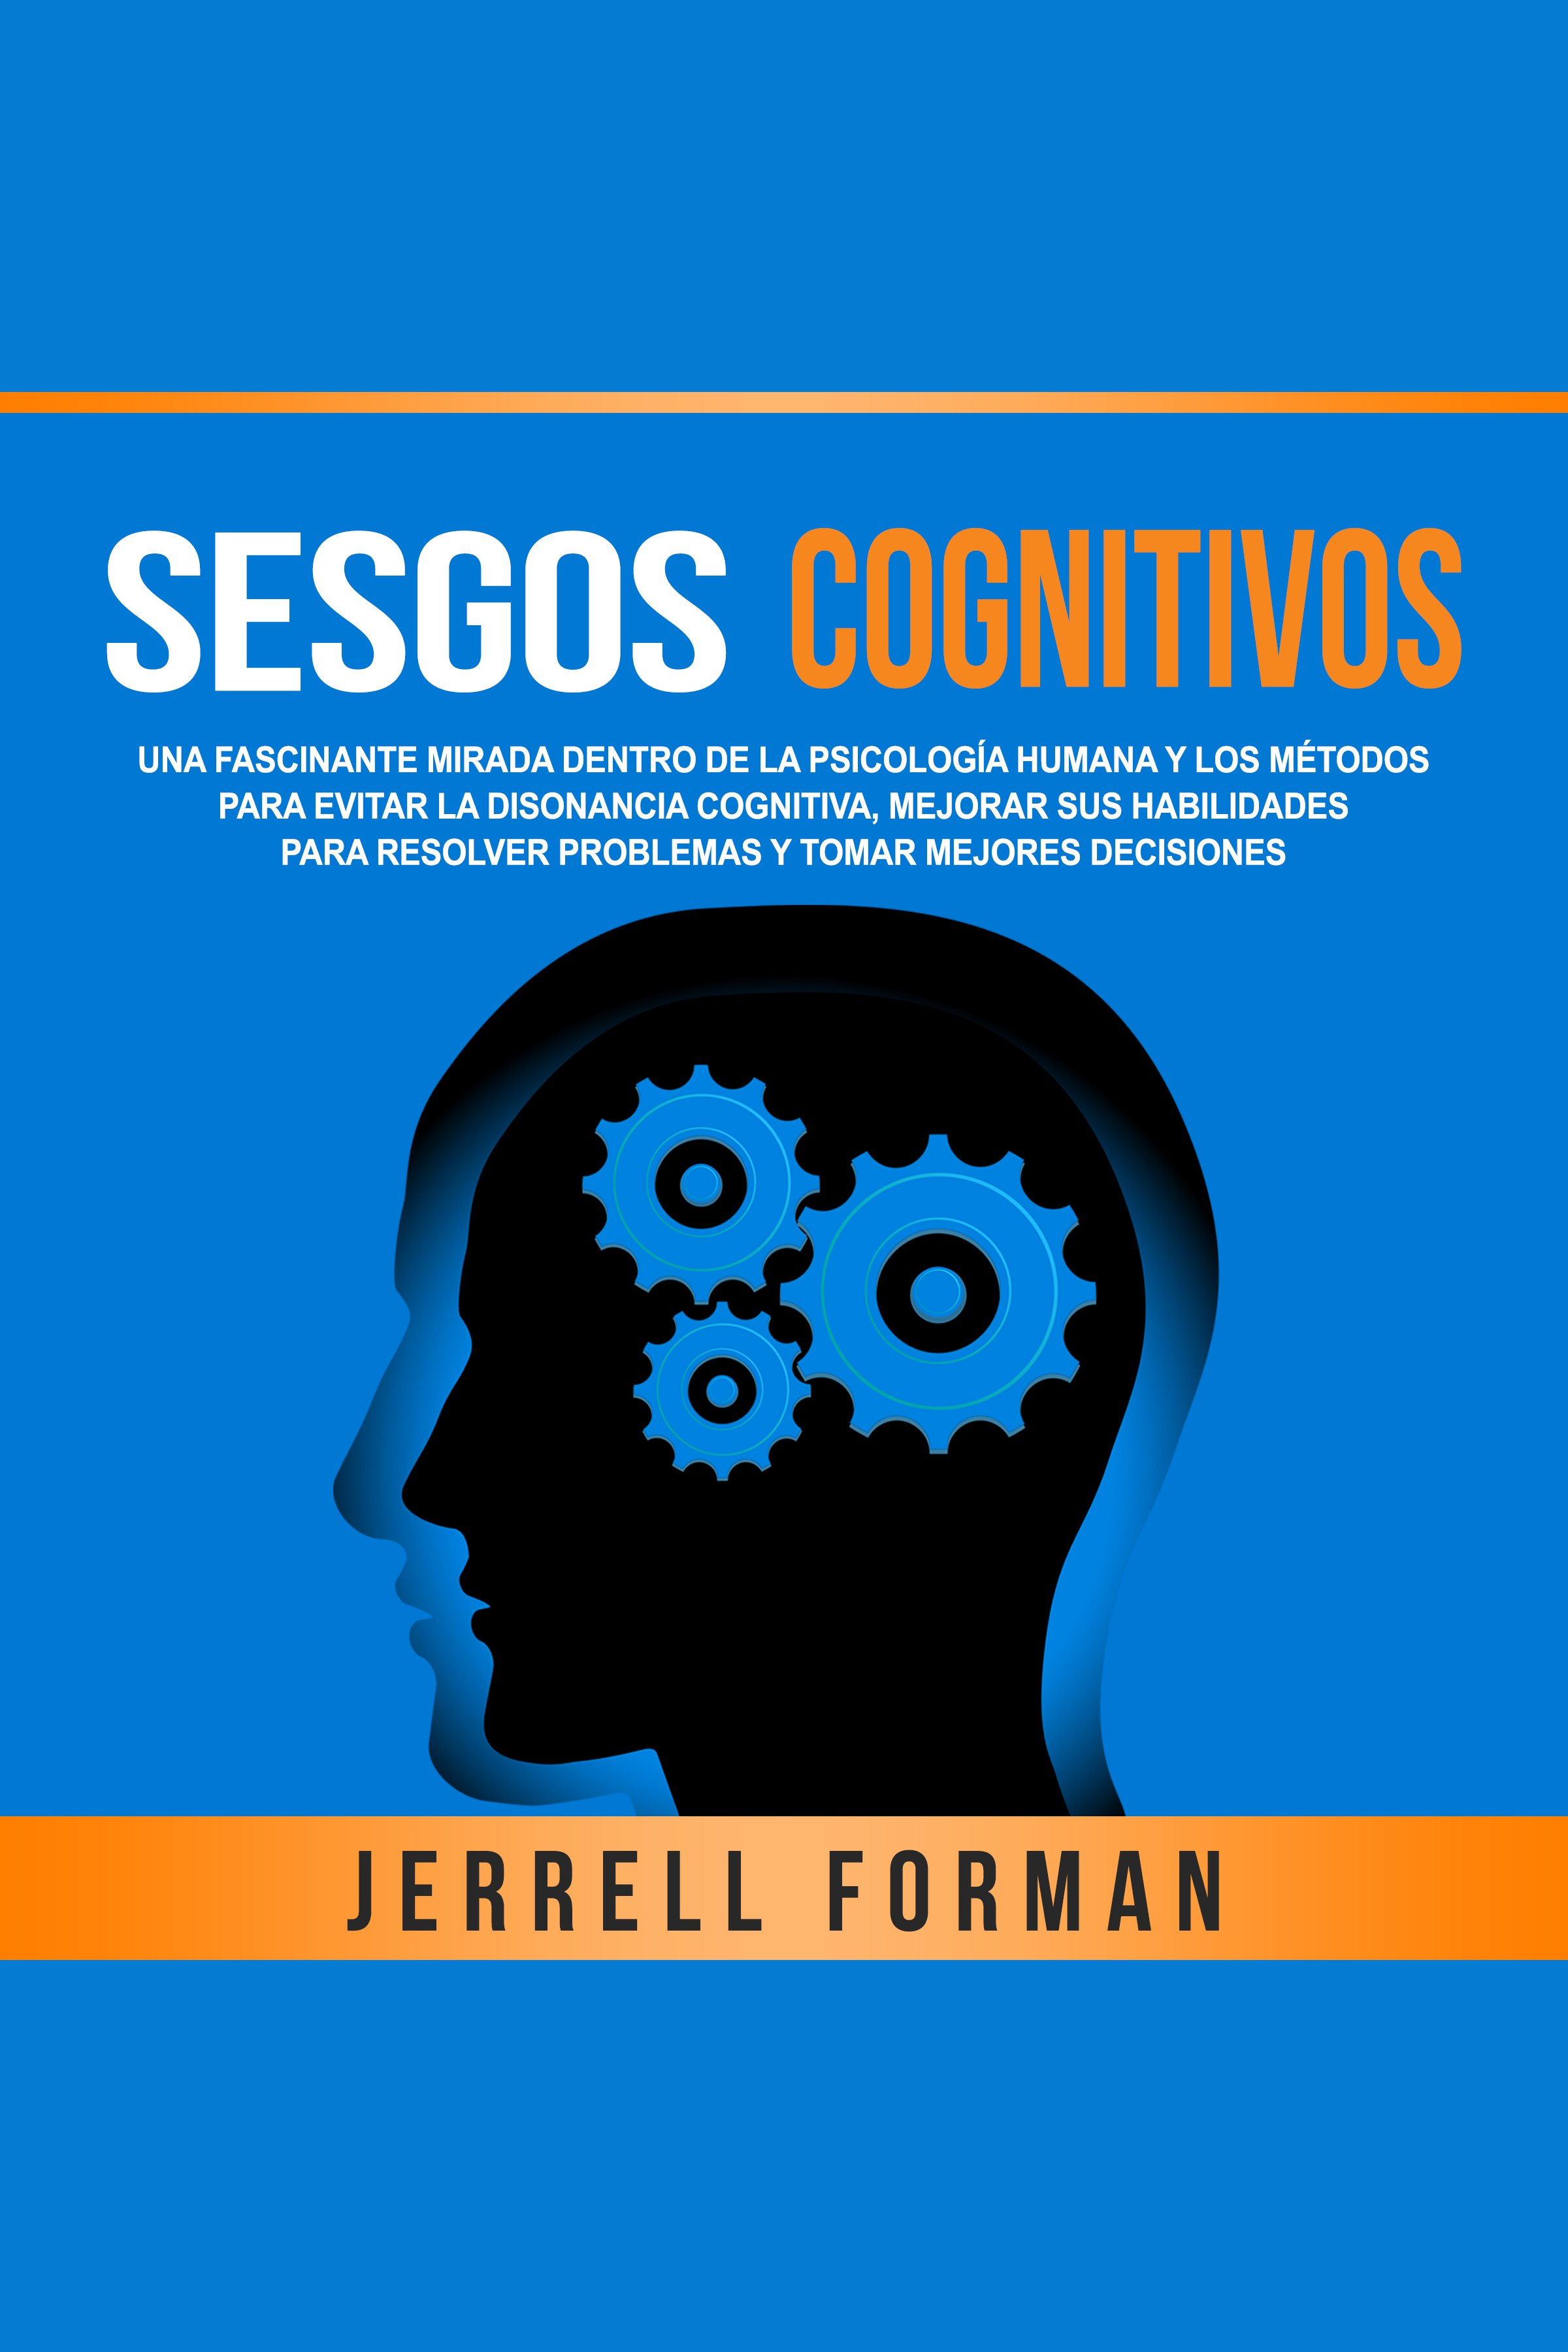 Esta es la portada del audiolibro Sesgos Cognitivos: Una Fascinante Mirada dentro de la Psicología Humana y los Métodos para Evitar la Disonancia Cognitiva, Mejorar sus Habilidades para Resolver Problemas y Tomar Mejores Decisiones